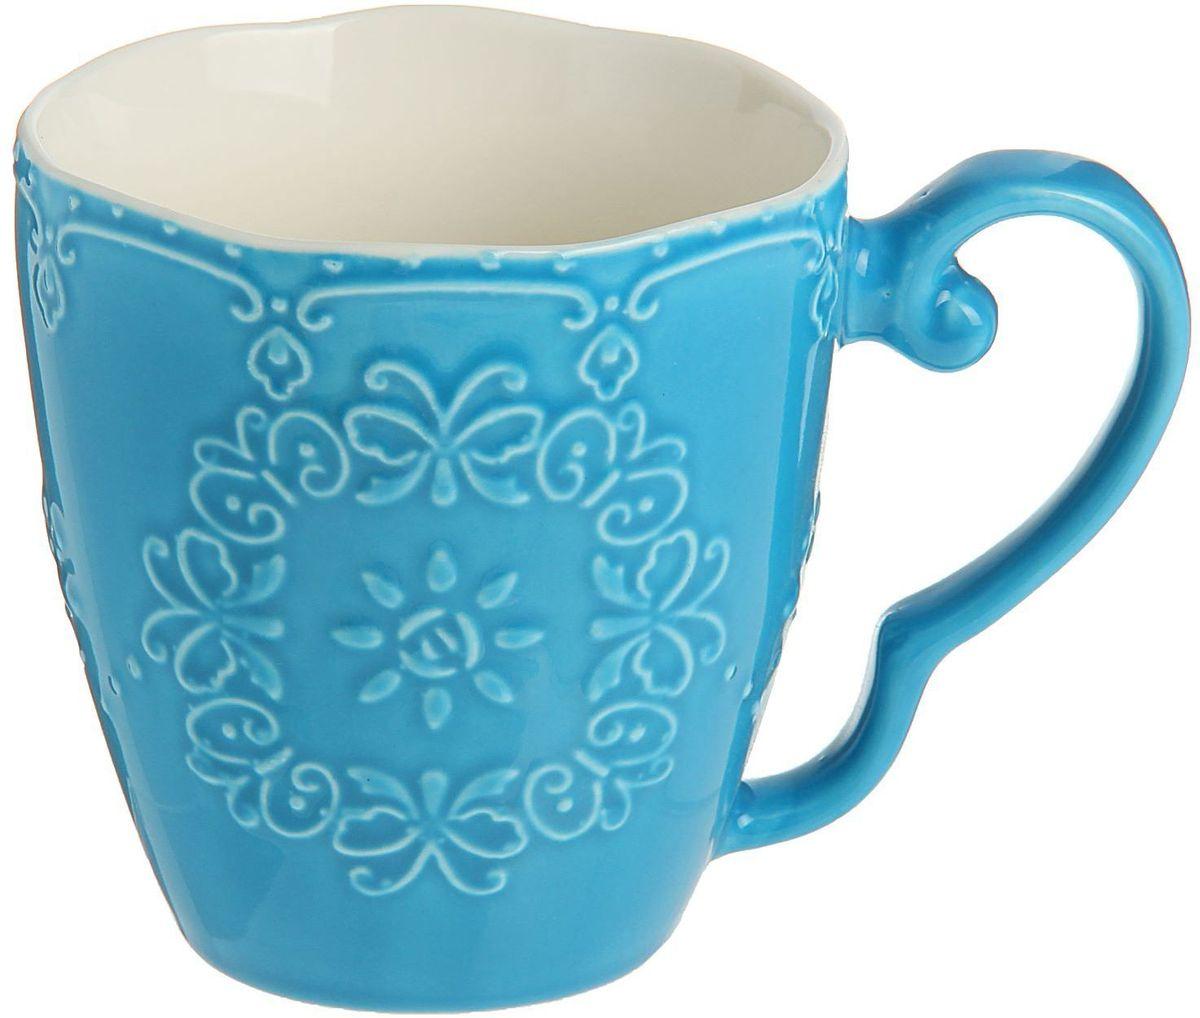 Кружка Доляна Кружева, цвет: синий, 270 мл1625313Кружка Доляна Кружева изготовлена из керамики. Корпус чашки украшен выпуклым кружевным рисунком.Кружка станет отличным подарком для родных и близких. Это любимый аксессуар на долгие годы. Относитесь к изделию бережно, и оно будет дарить прекрасное настроение каждый день.